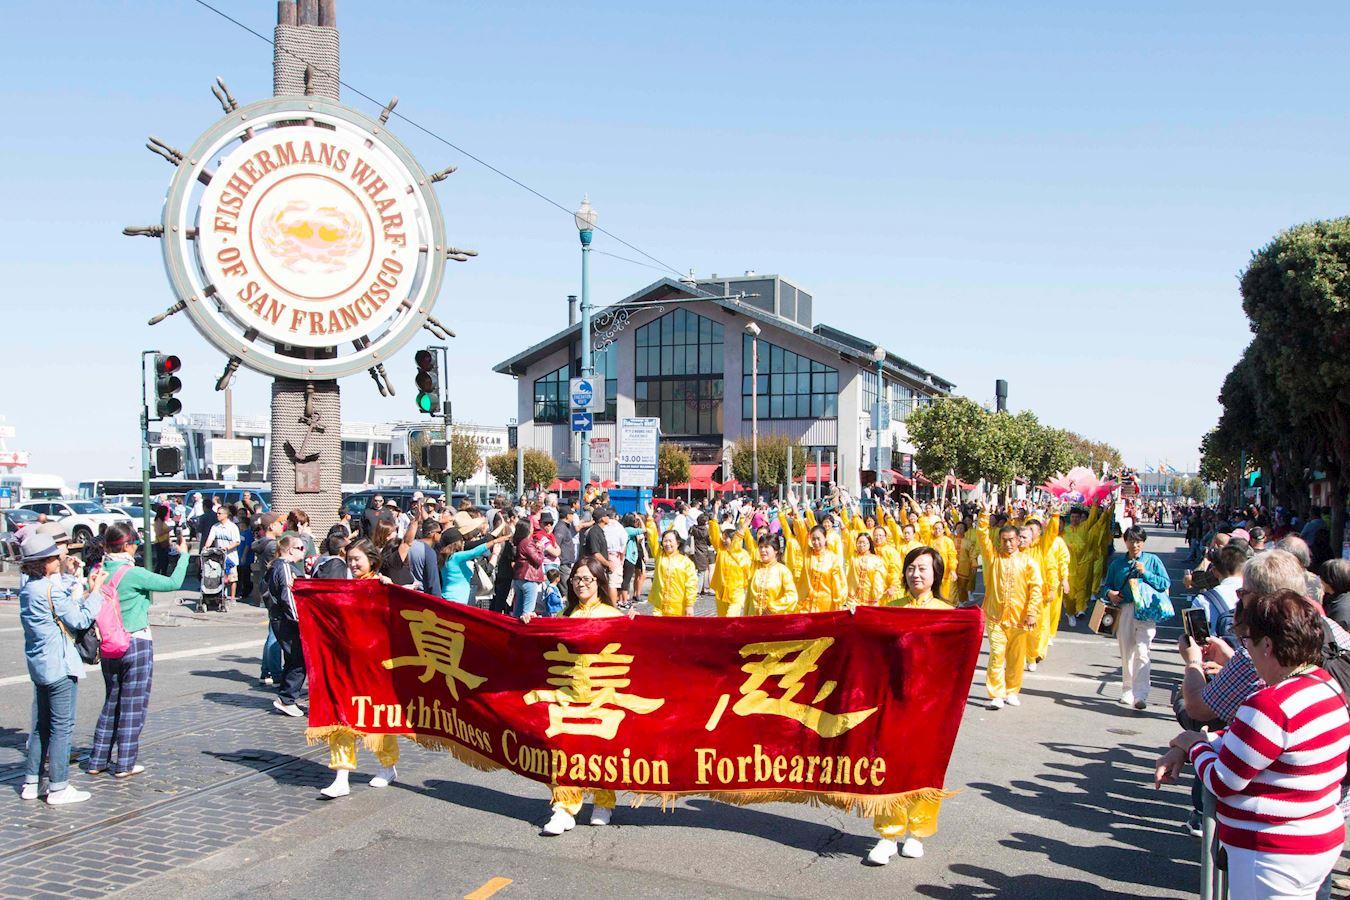 法轮功学员参加哥伦布日游行受欢迎。(明慧网)